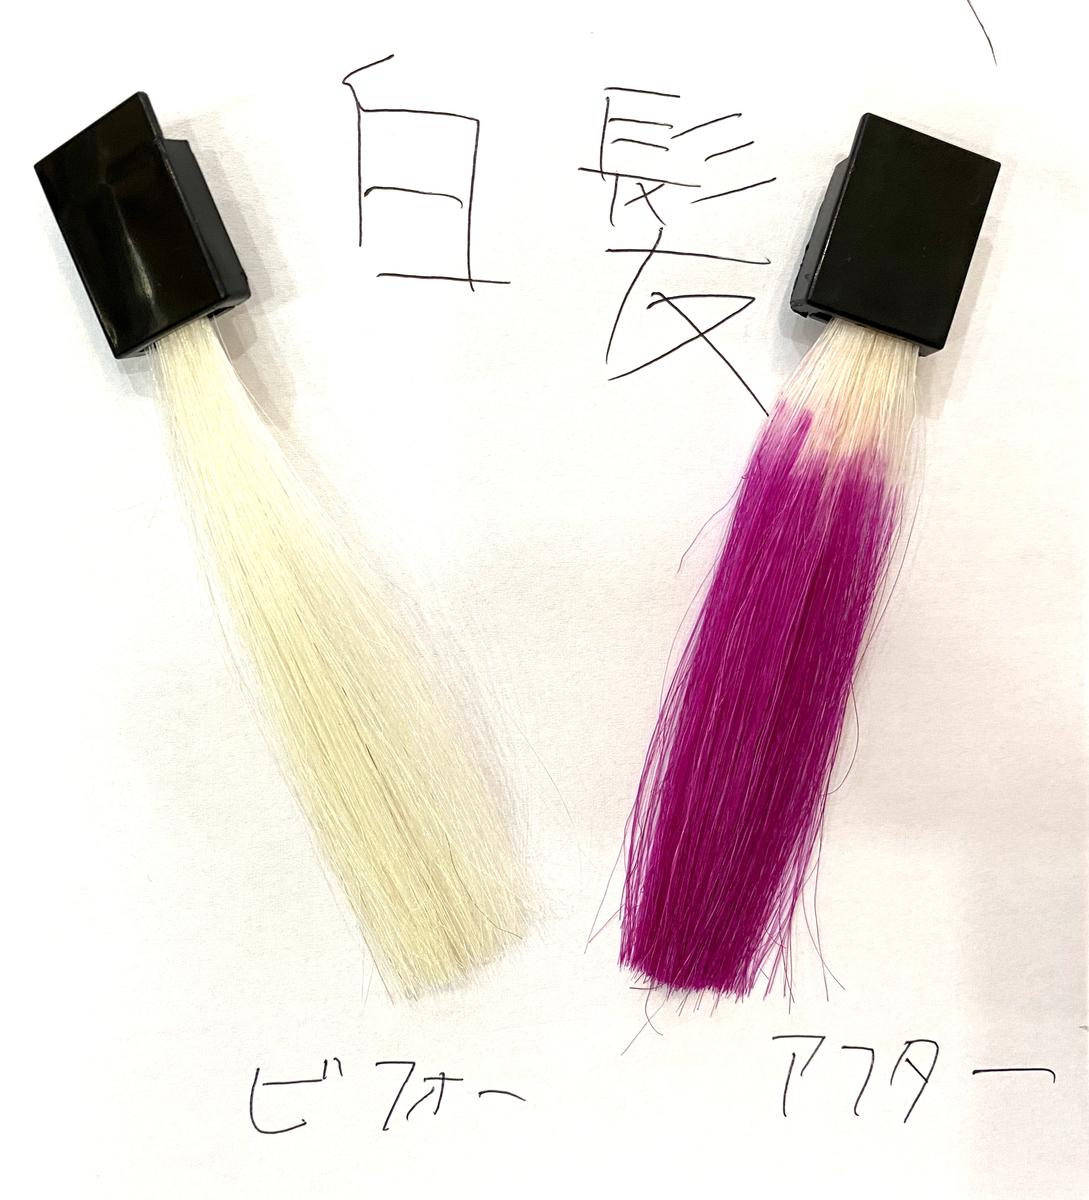 画黒左が白髪で画面右が白髪にフラッシュピンクで染めた仕上がり